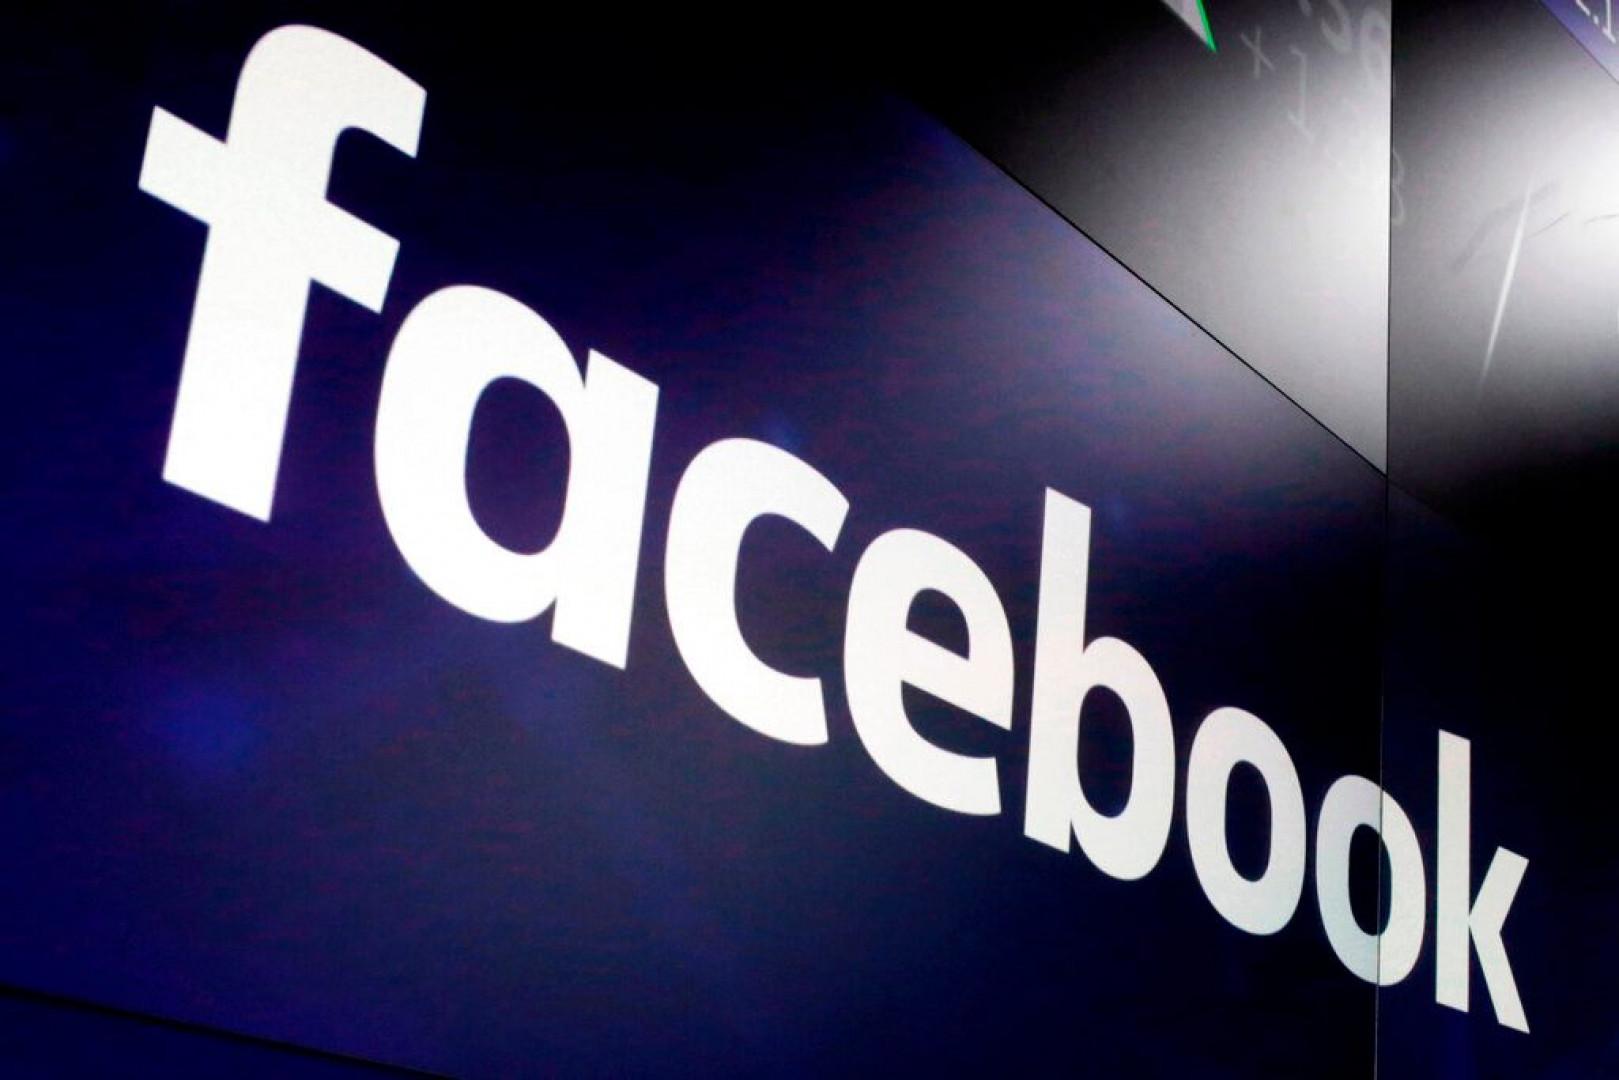 甫宣布五年內布局元宇宙 臉書傳將更改母公司名稱